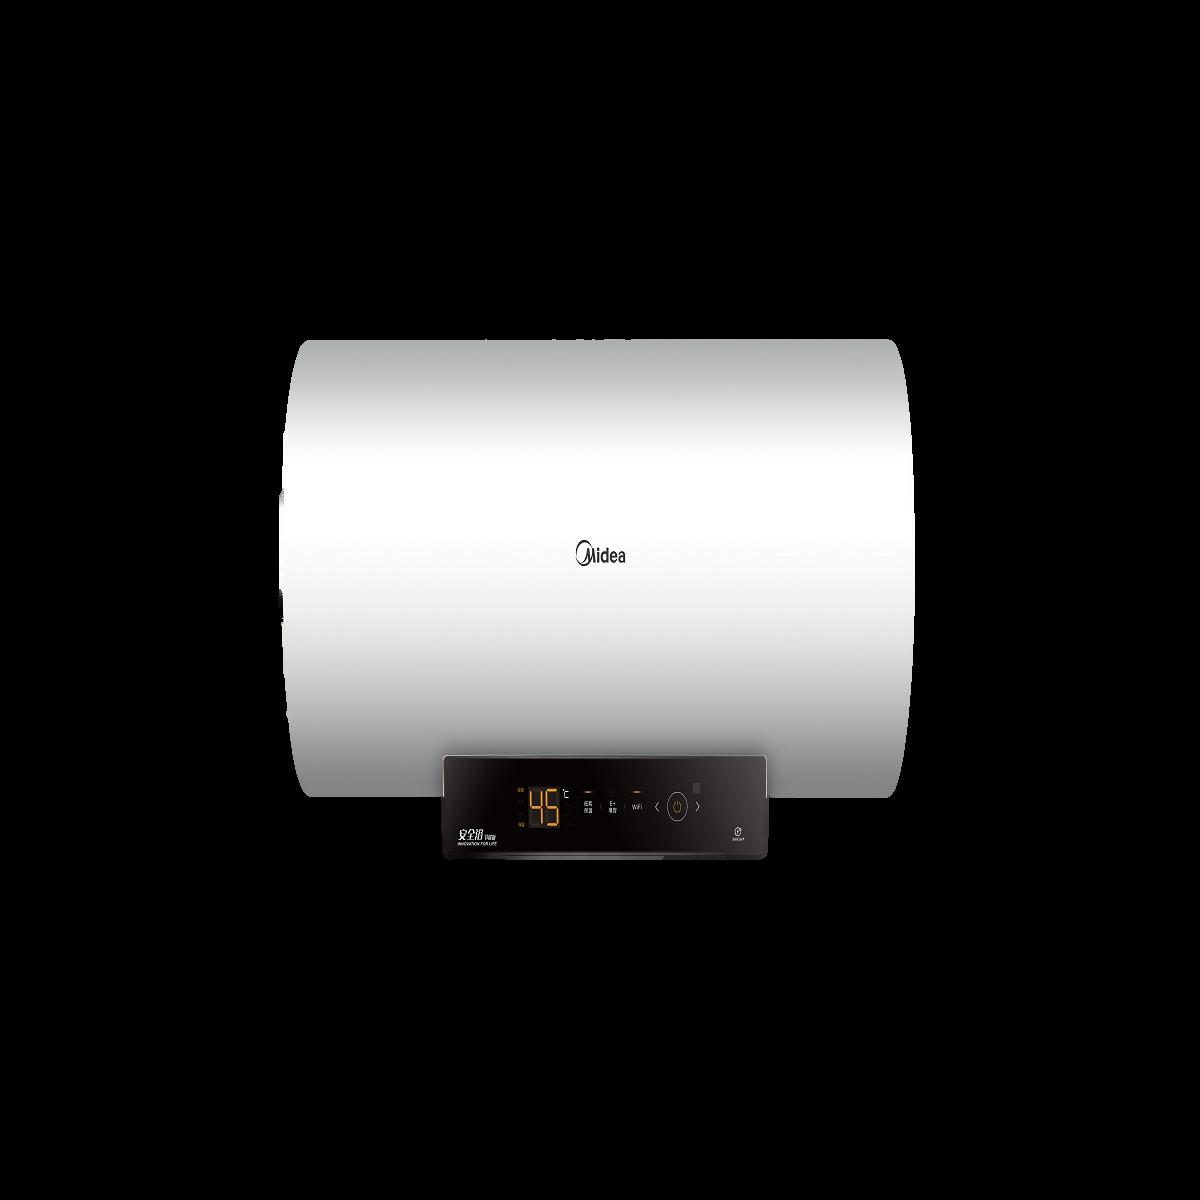 Midea/美的 F60-22BA6(HY)电热水器 说明书.pdf